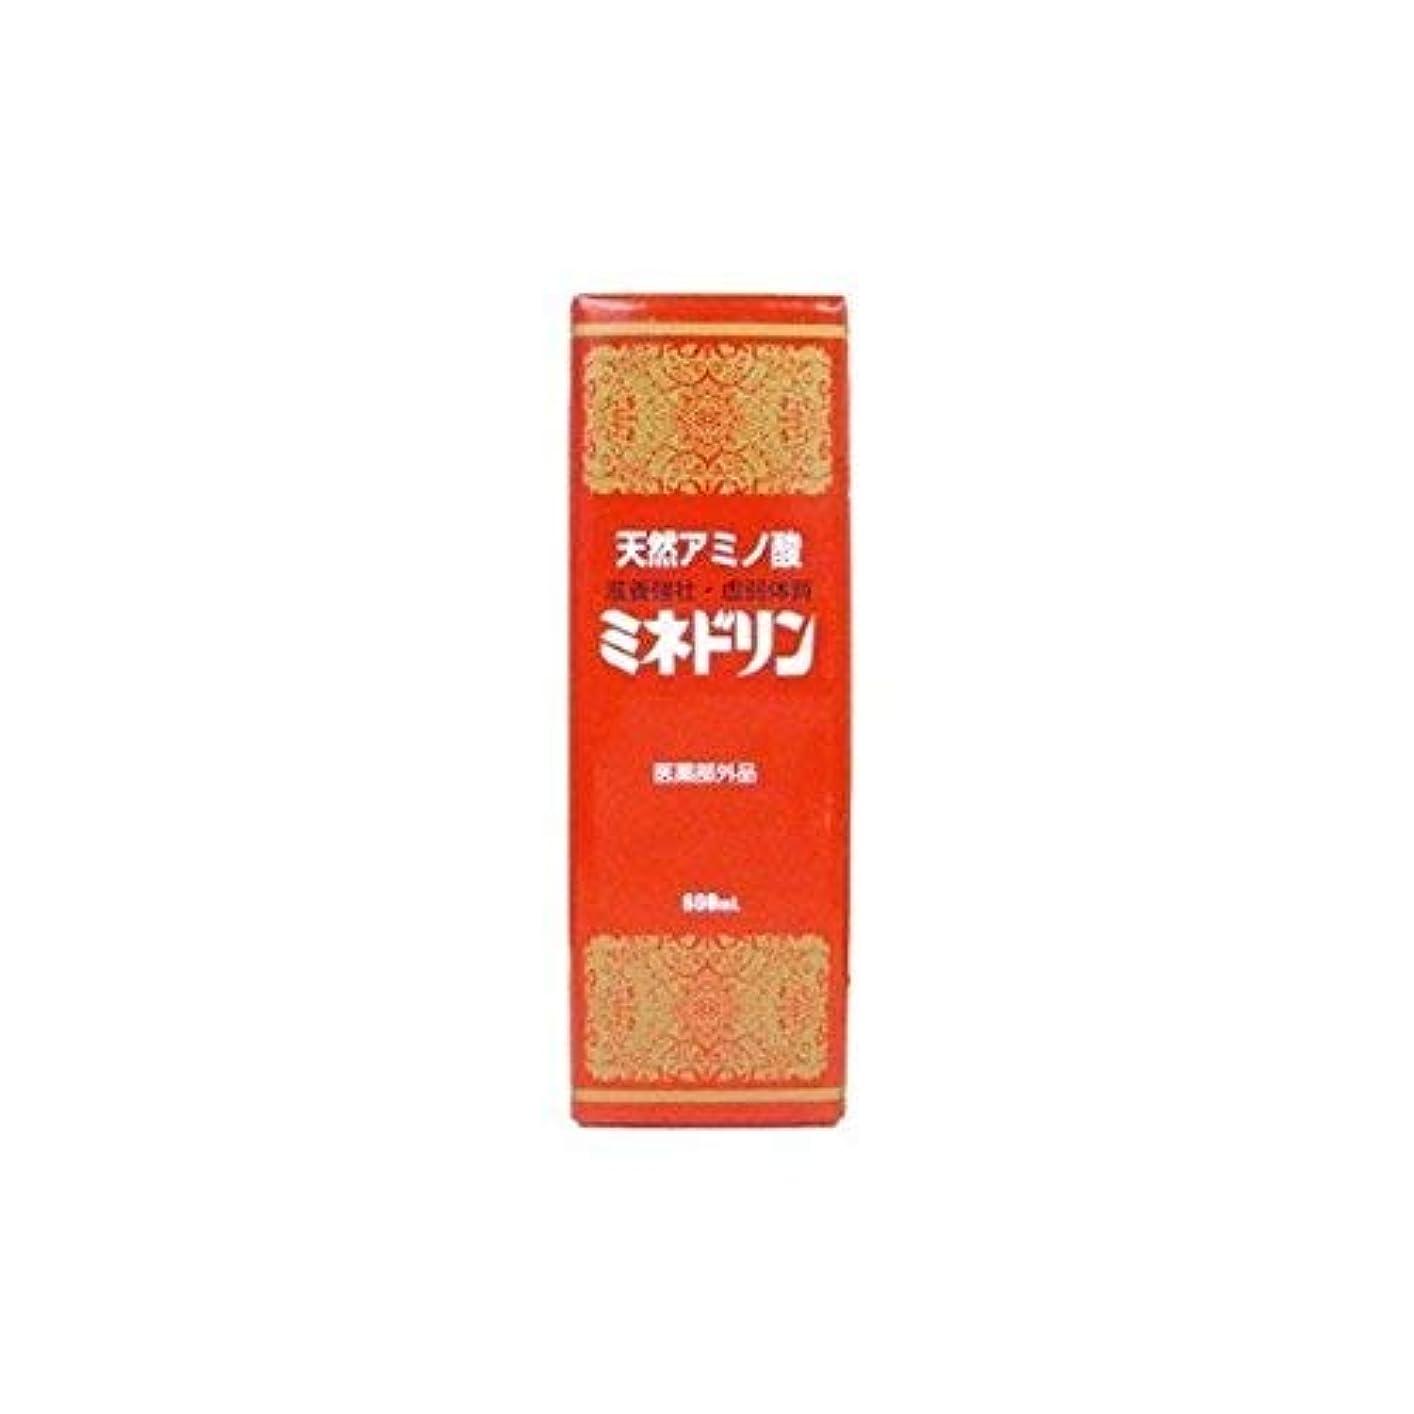 輸血文字カウンターパート伊丹製薬 ミネドリン 600ml ×12本